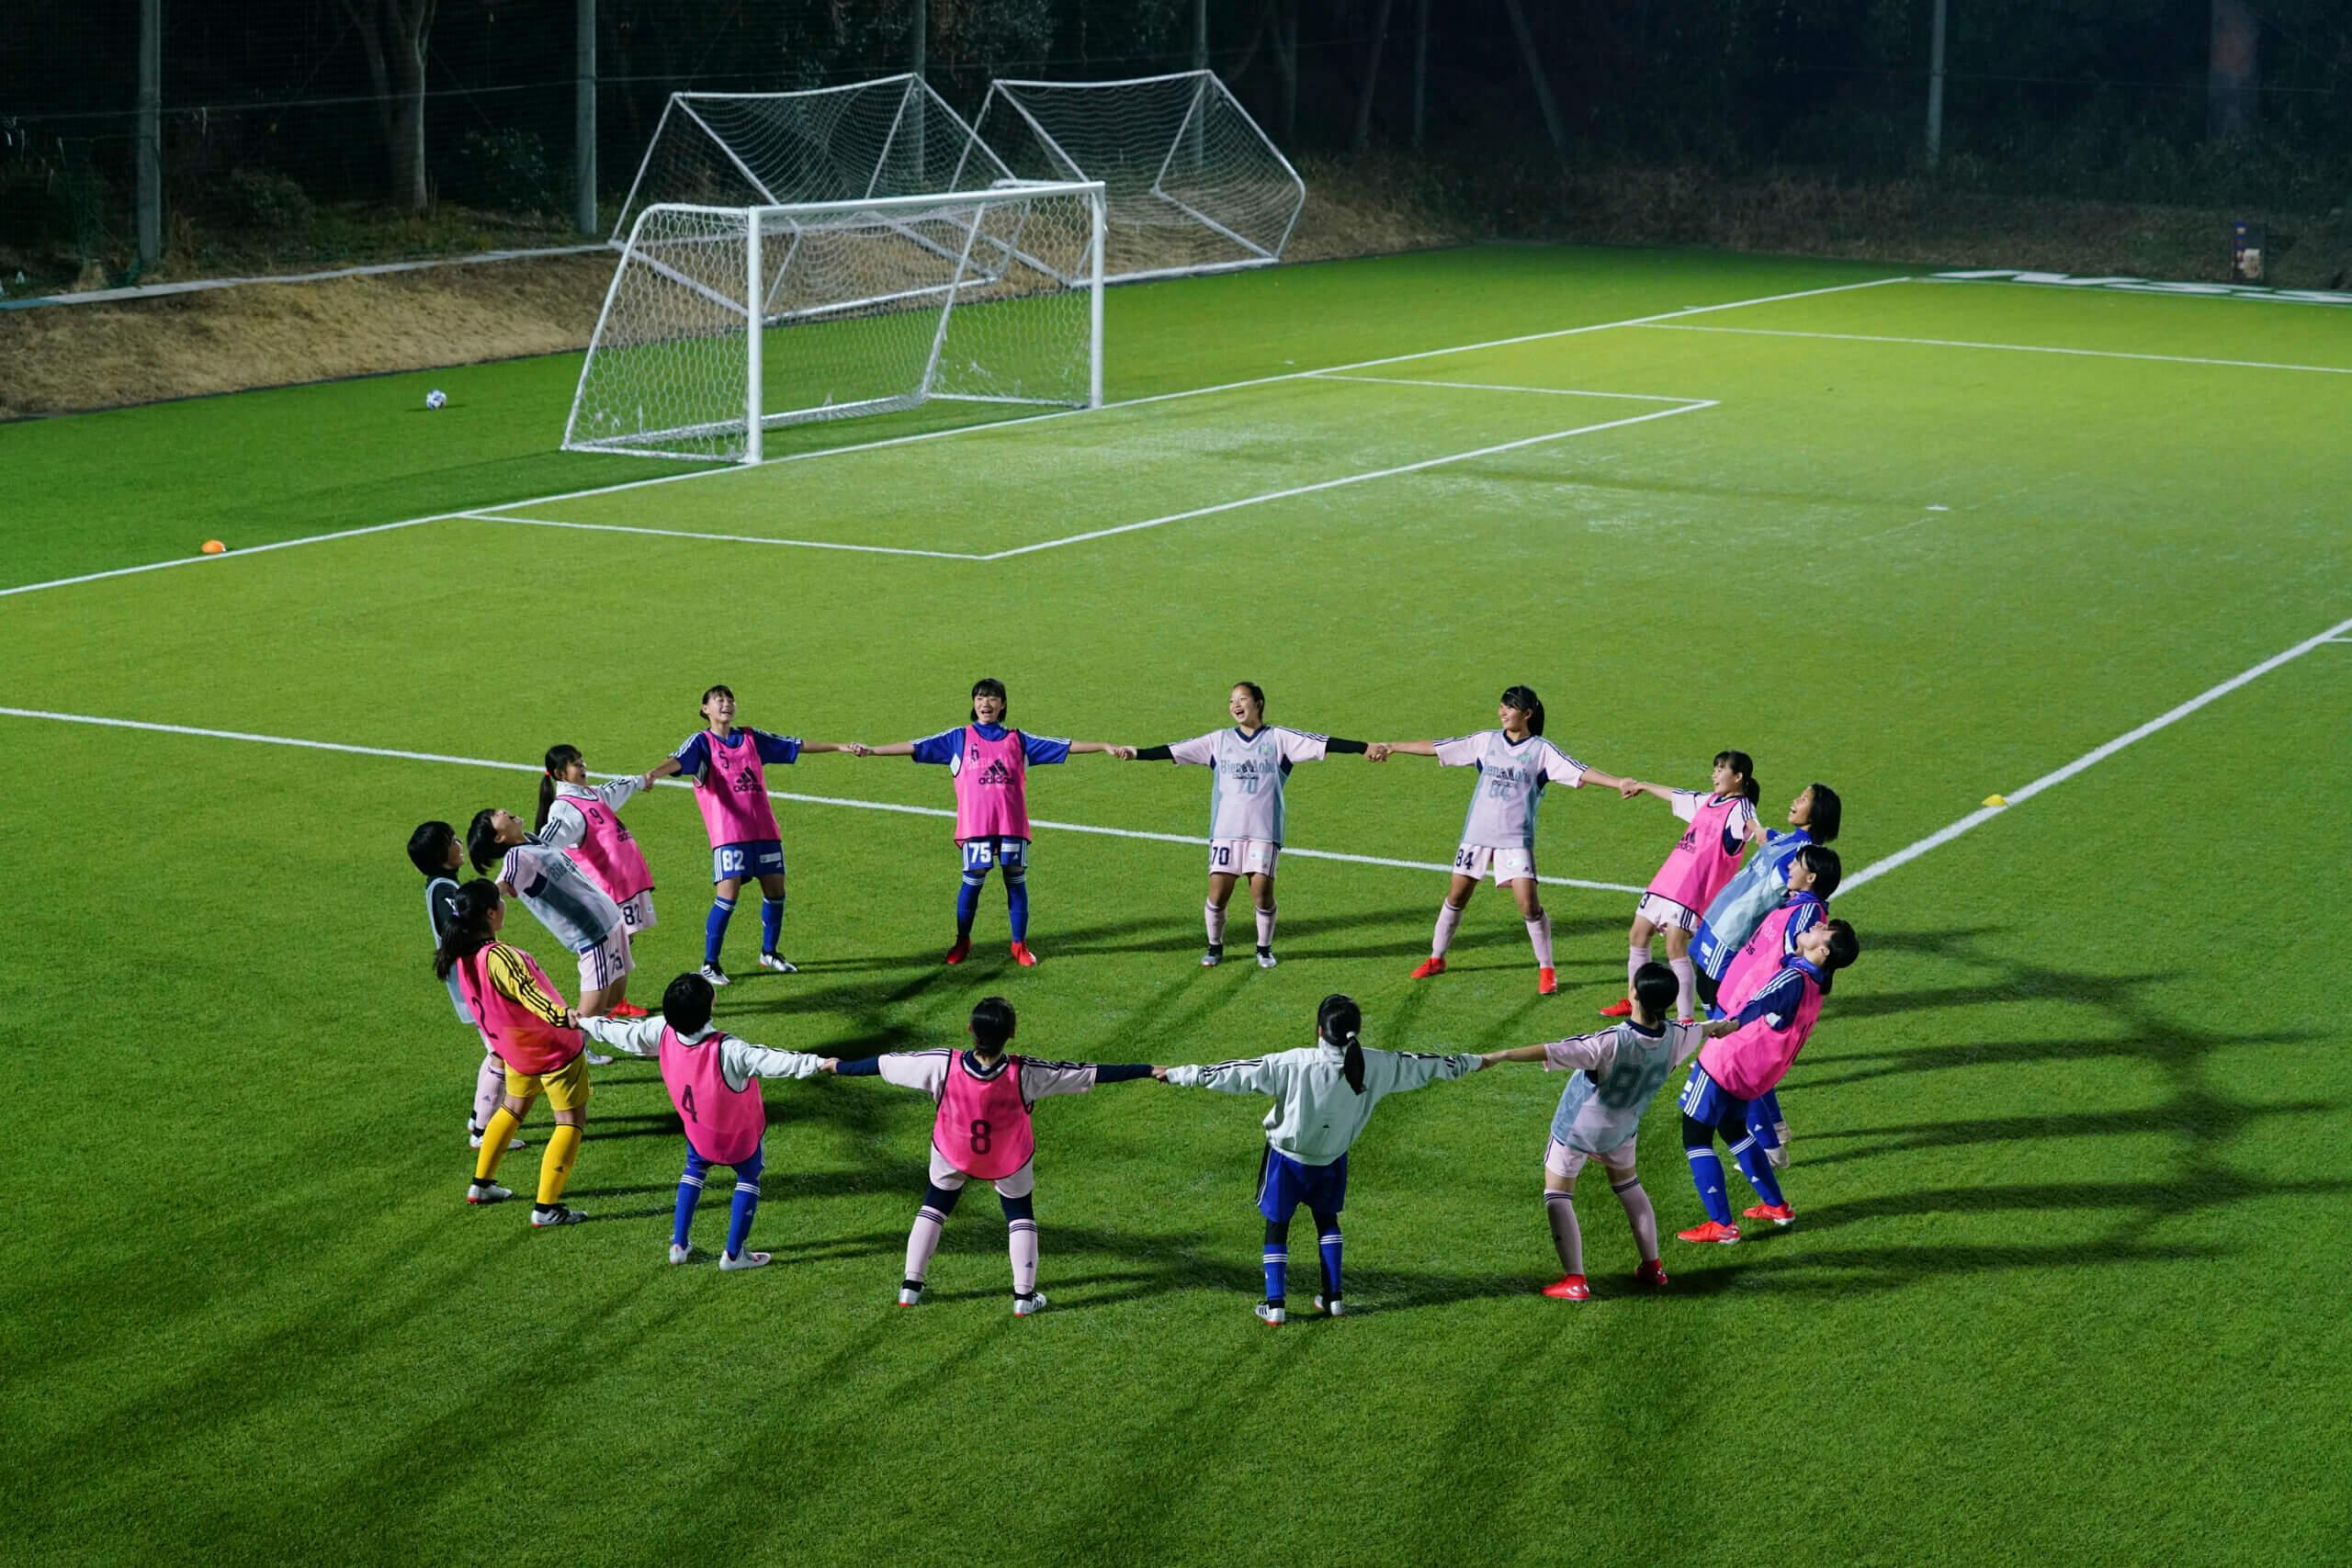 女子サッカーをする少女たち